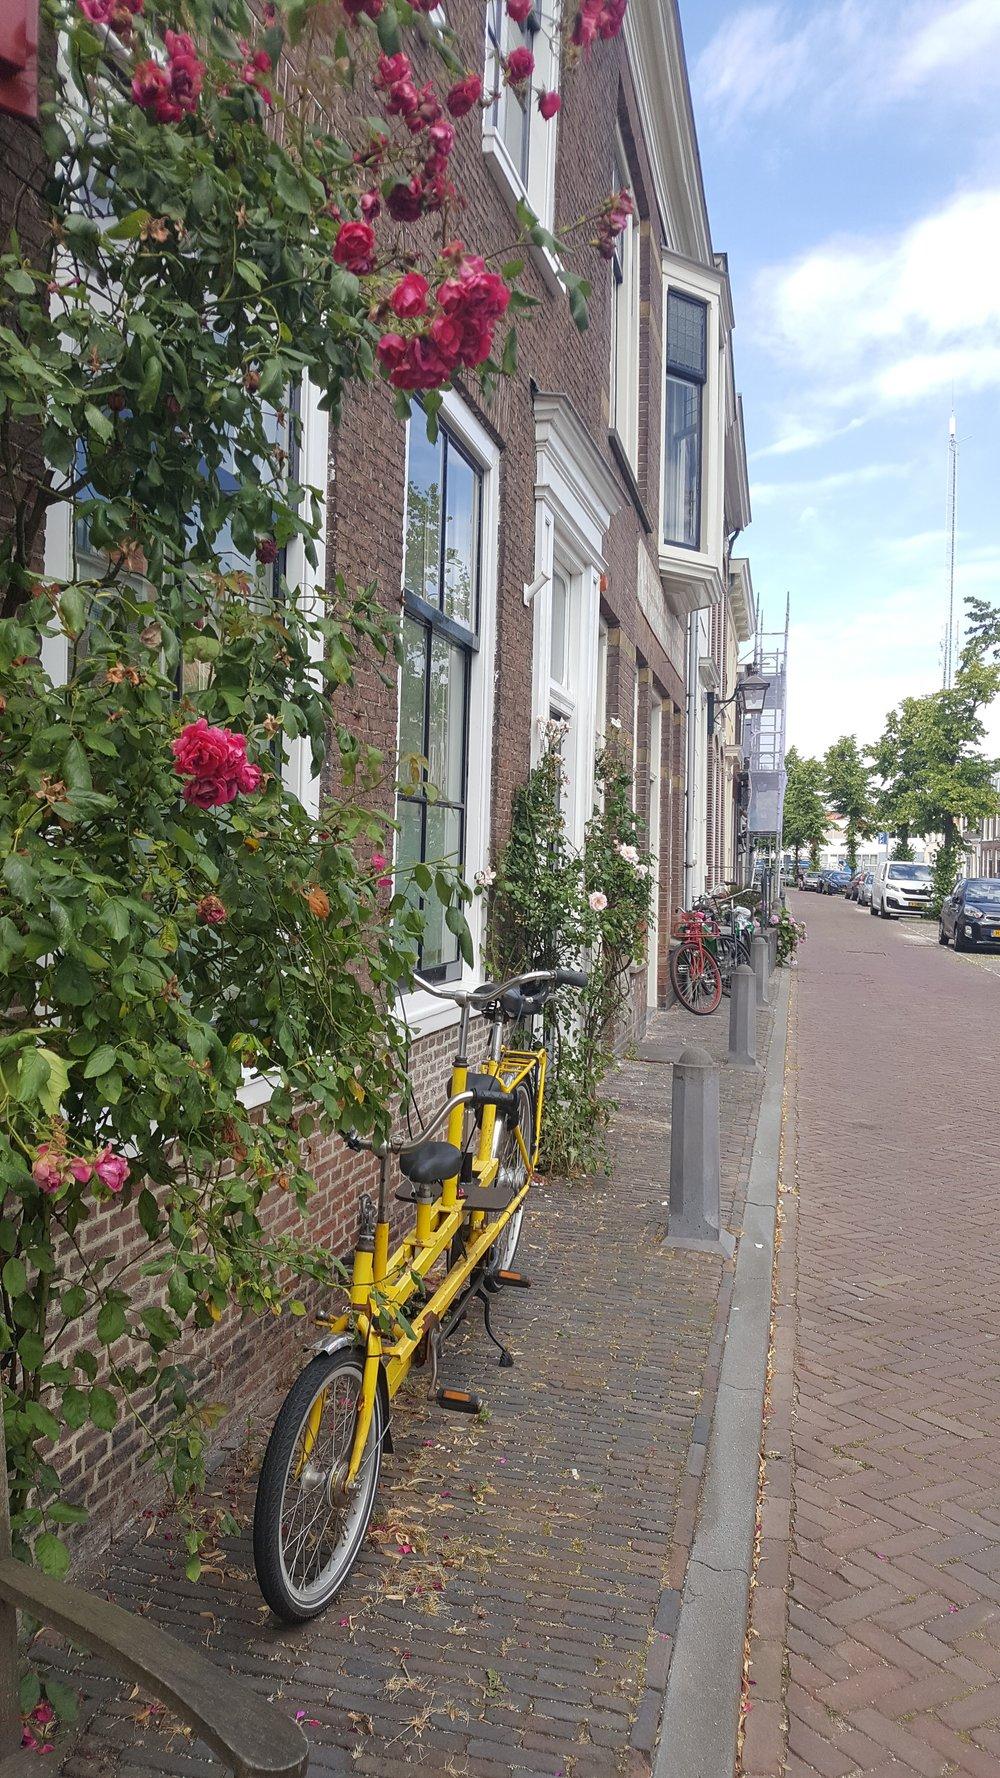 roses and bike.jpg